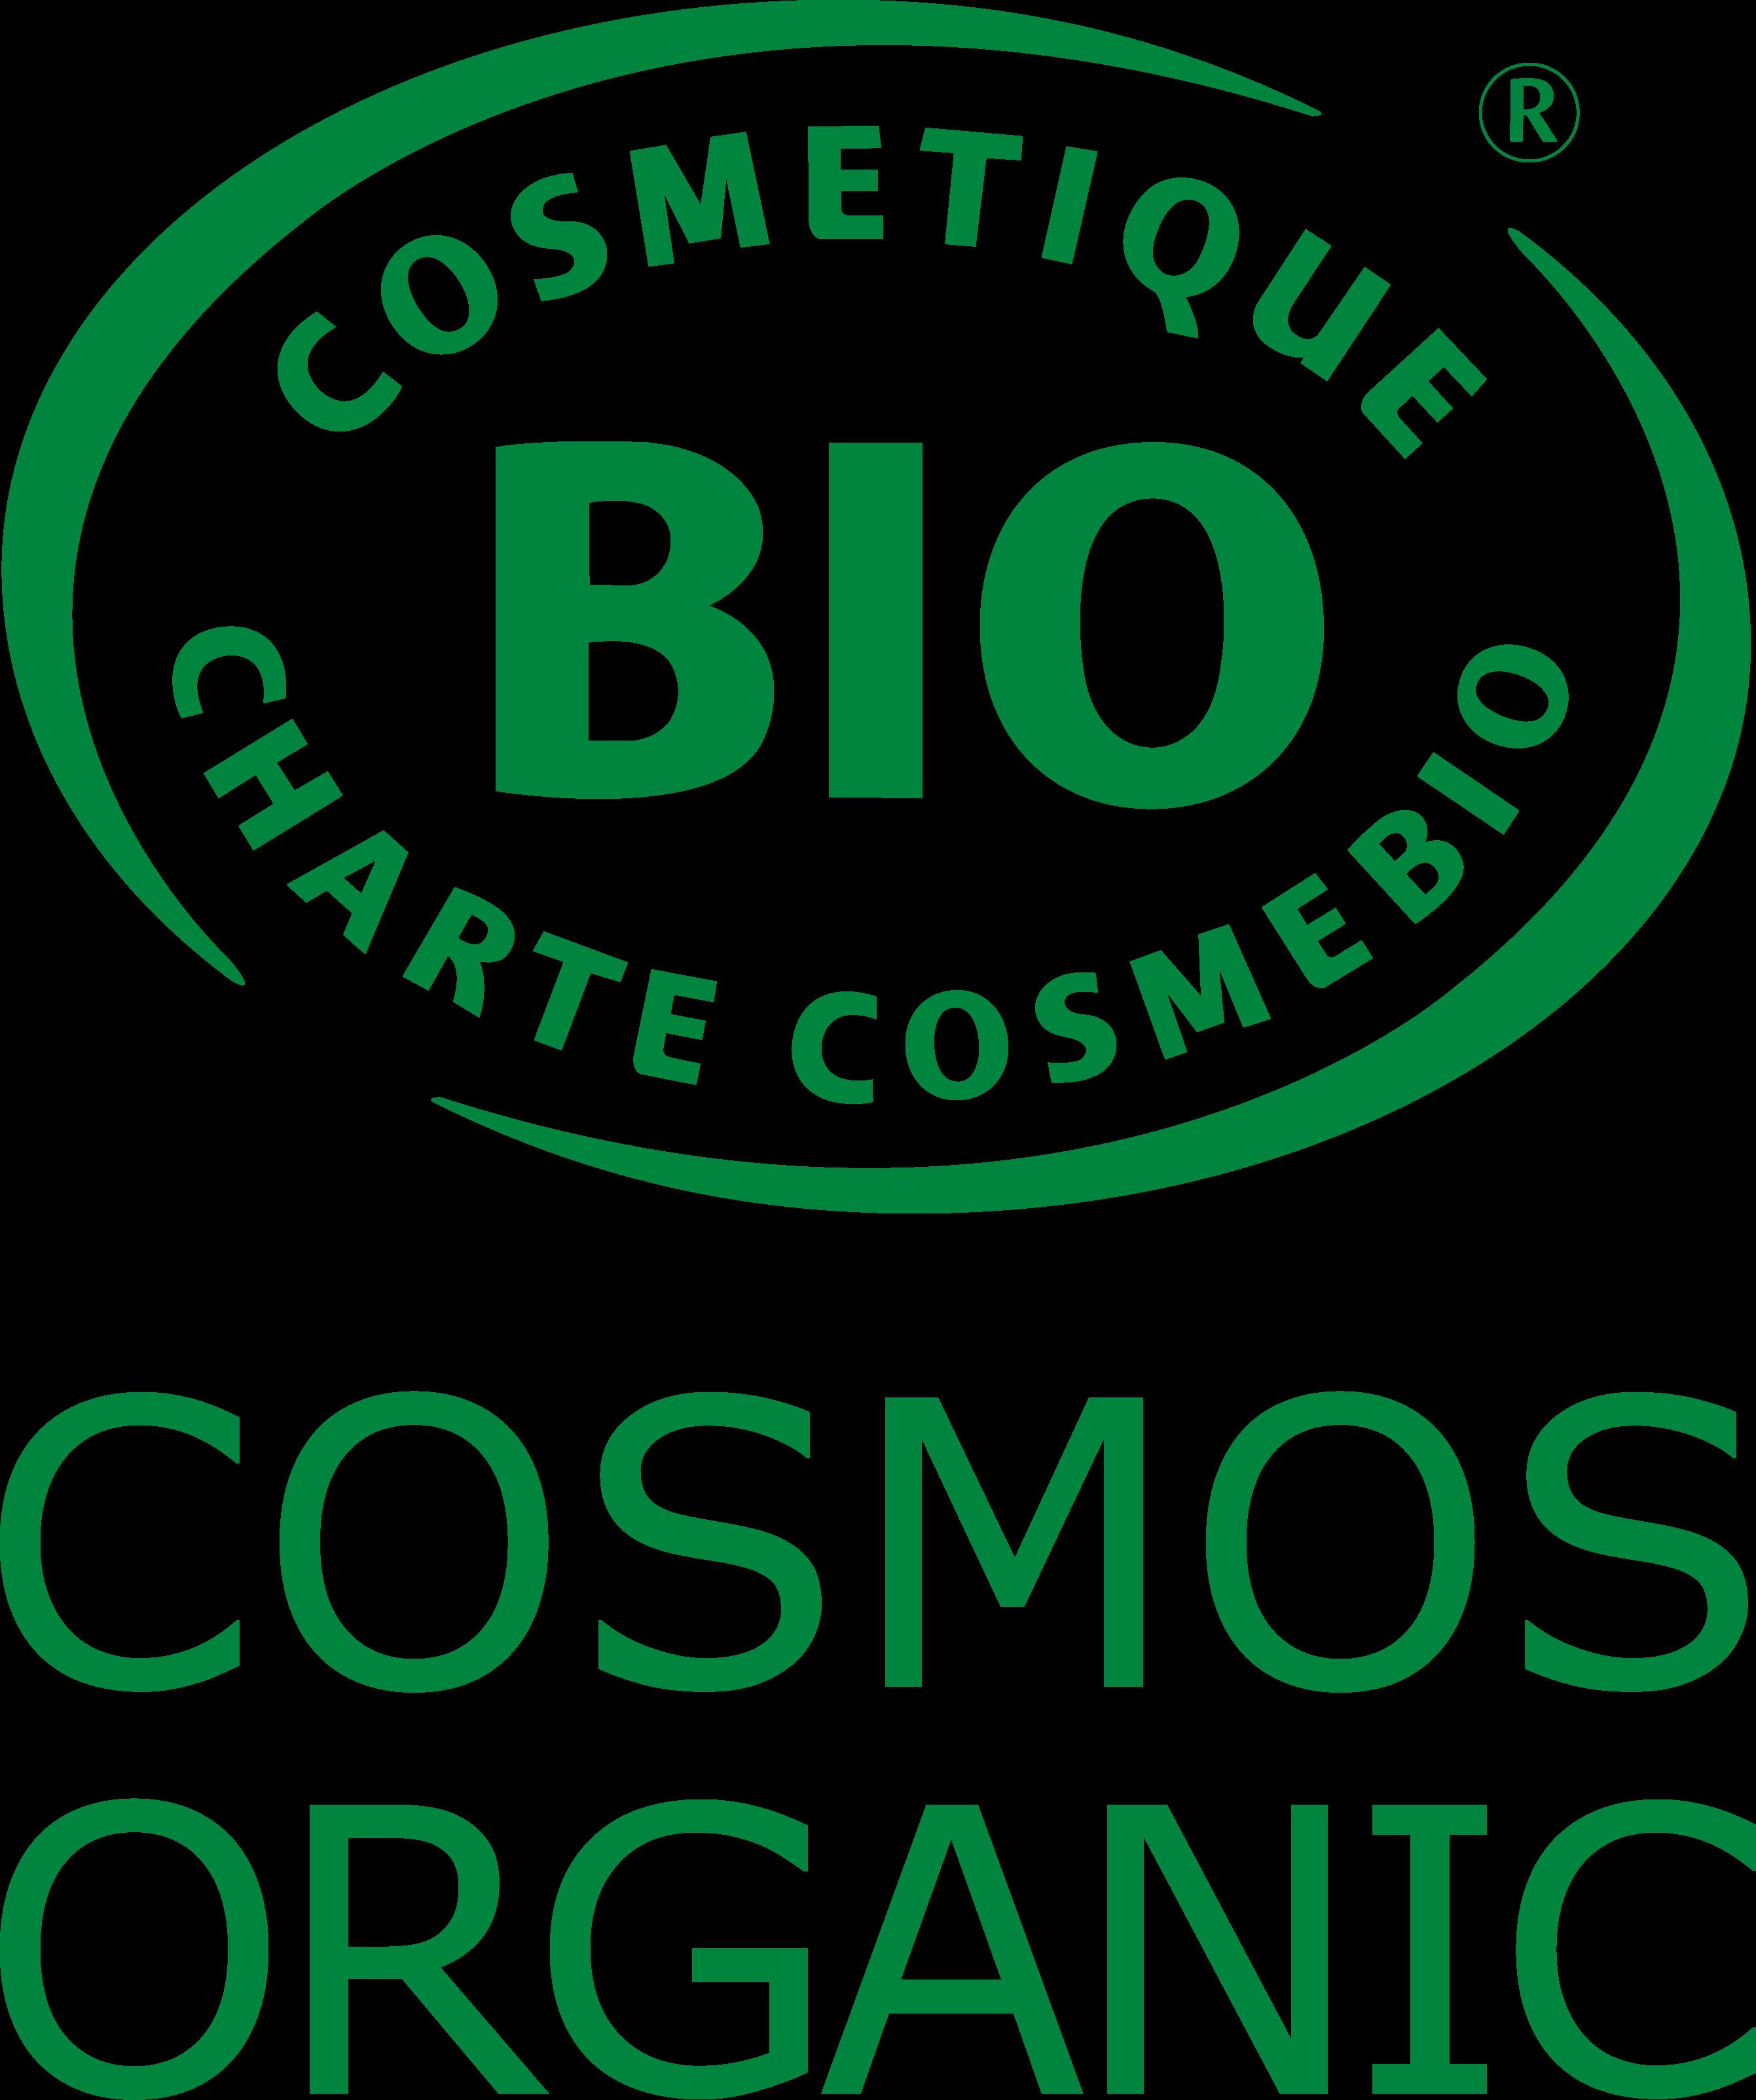 logo-cosmos-organic-png.png